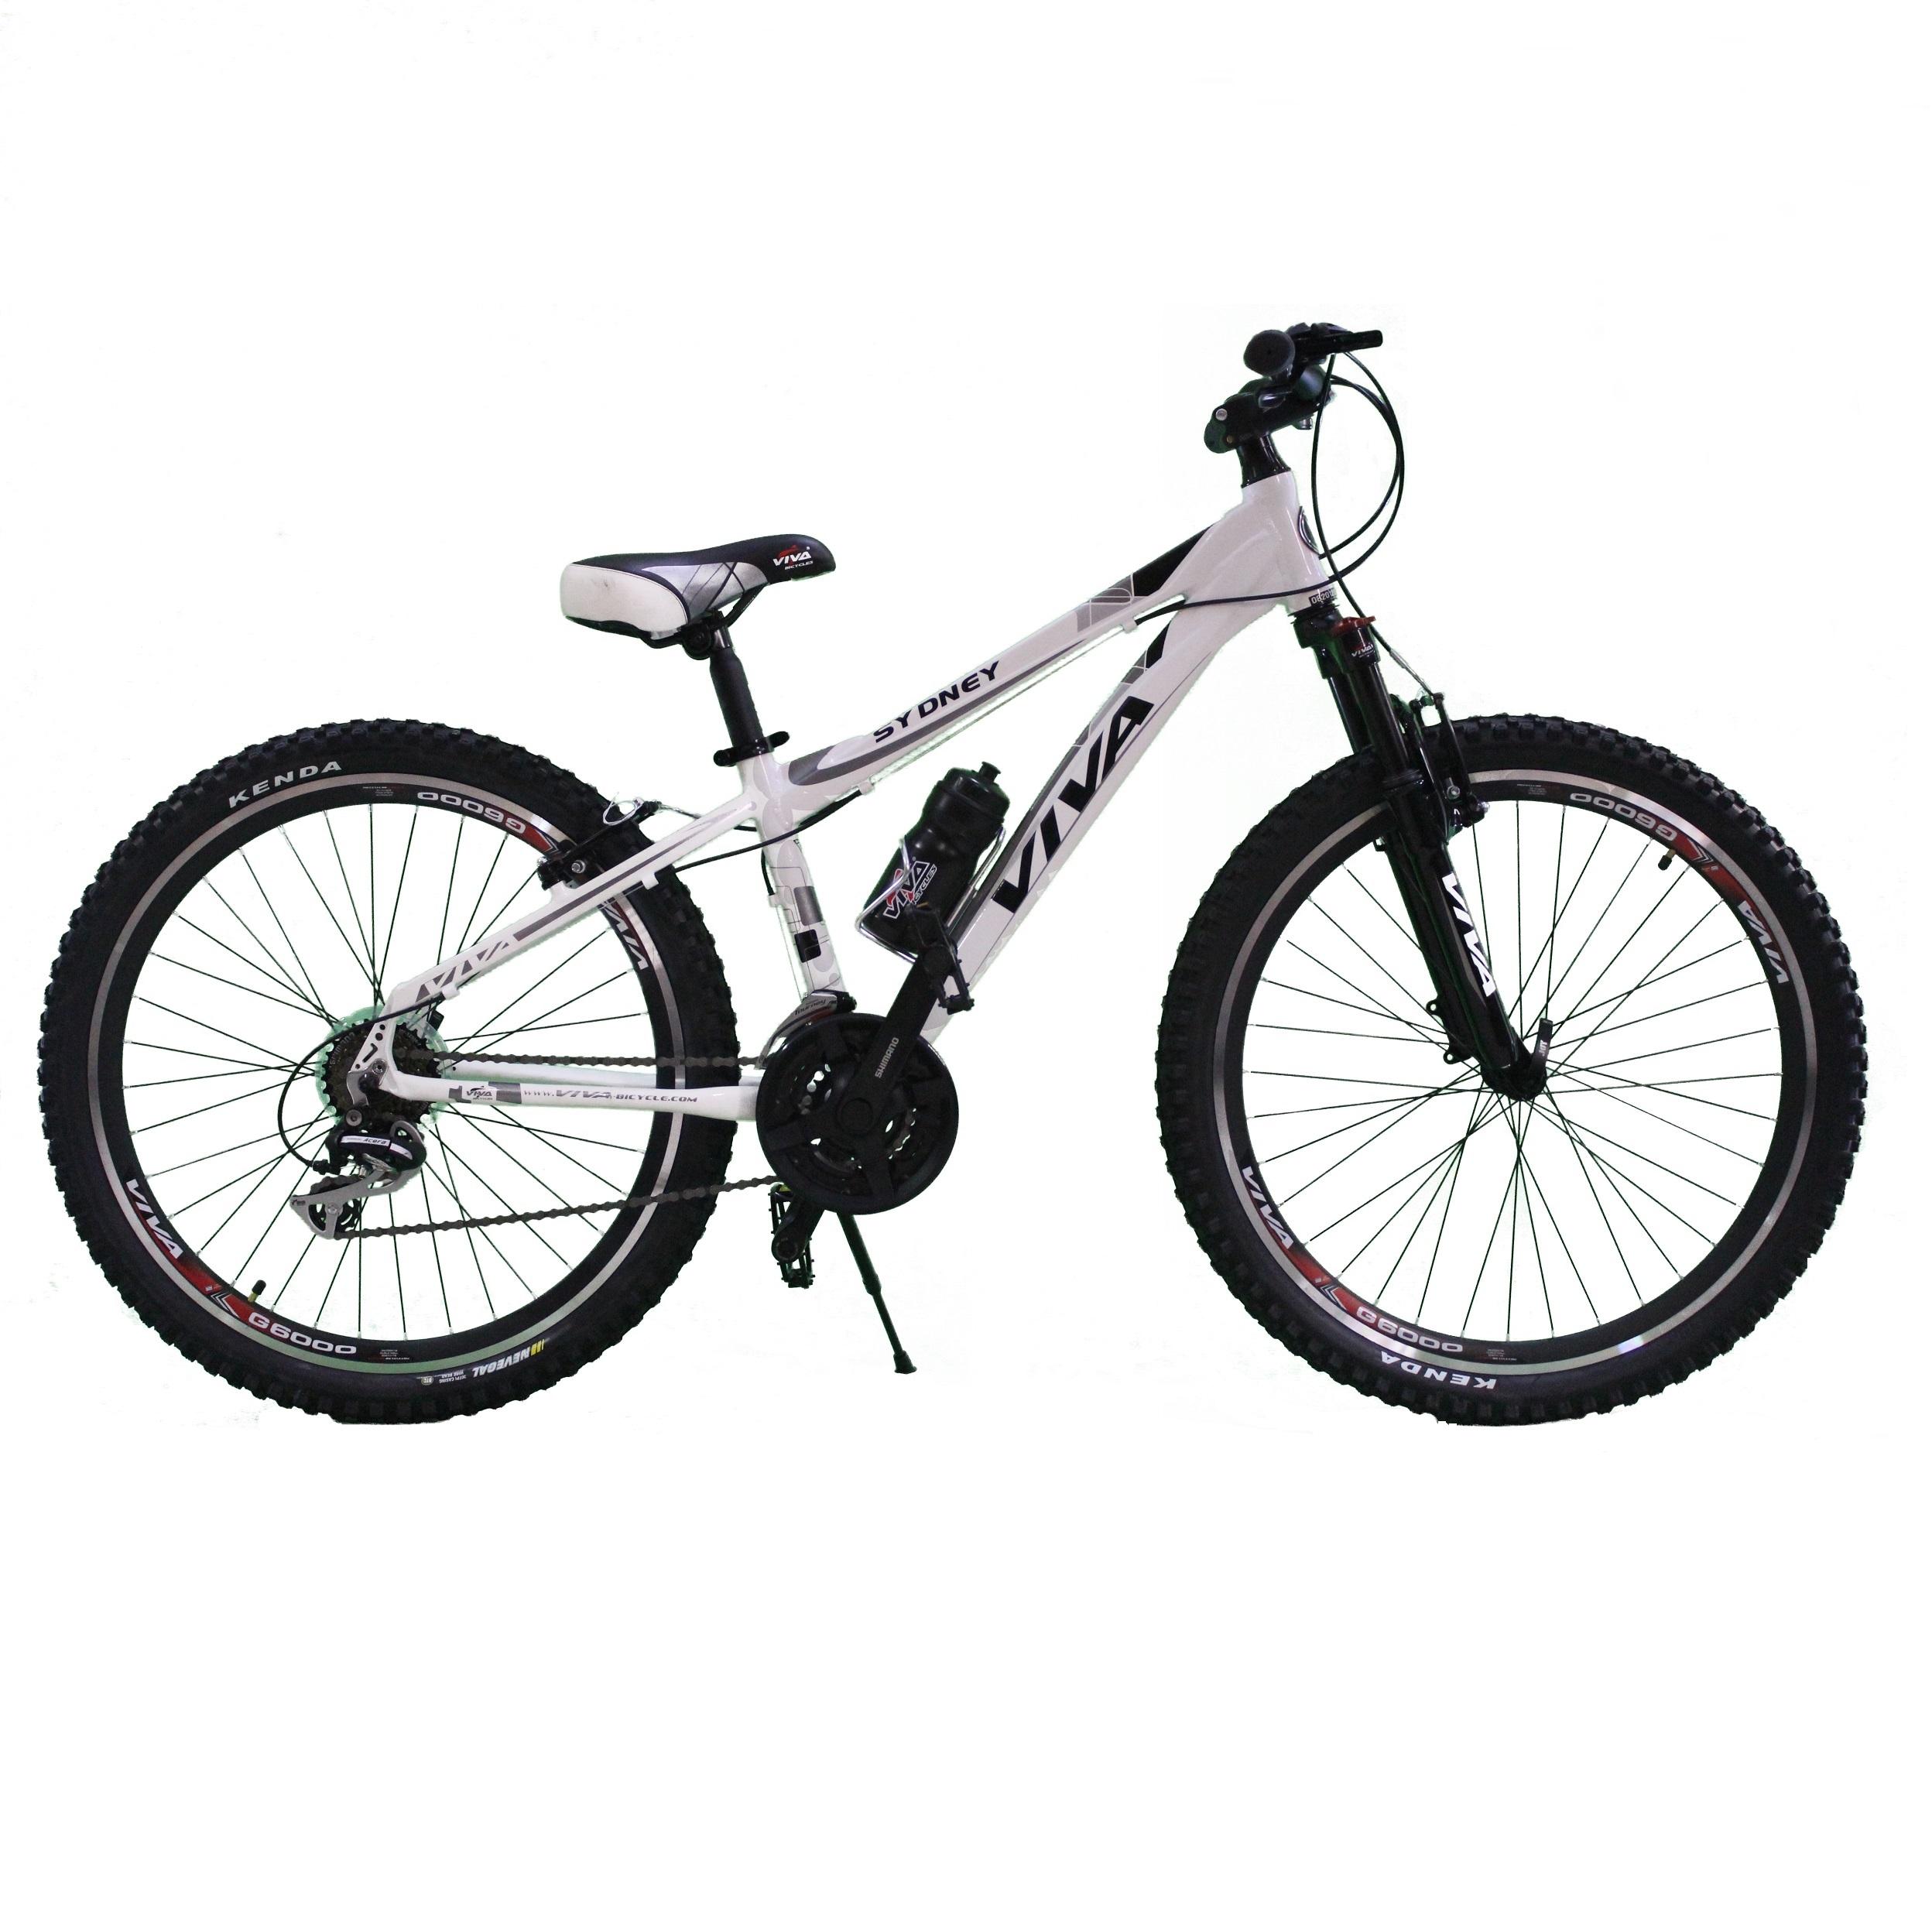 دوچرخه کوهستان ویوا مدلSYDNEY سایز 26